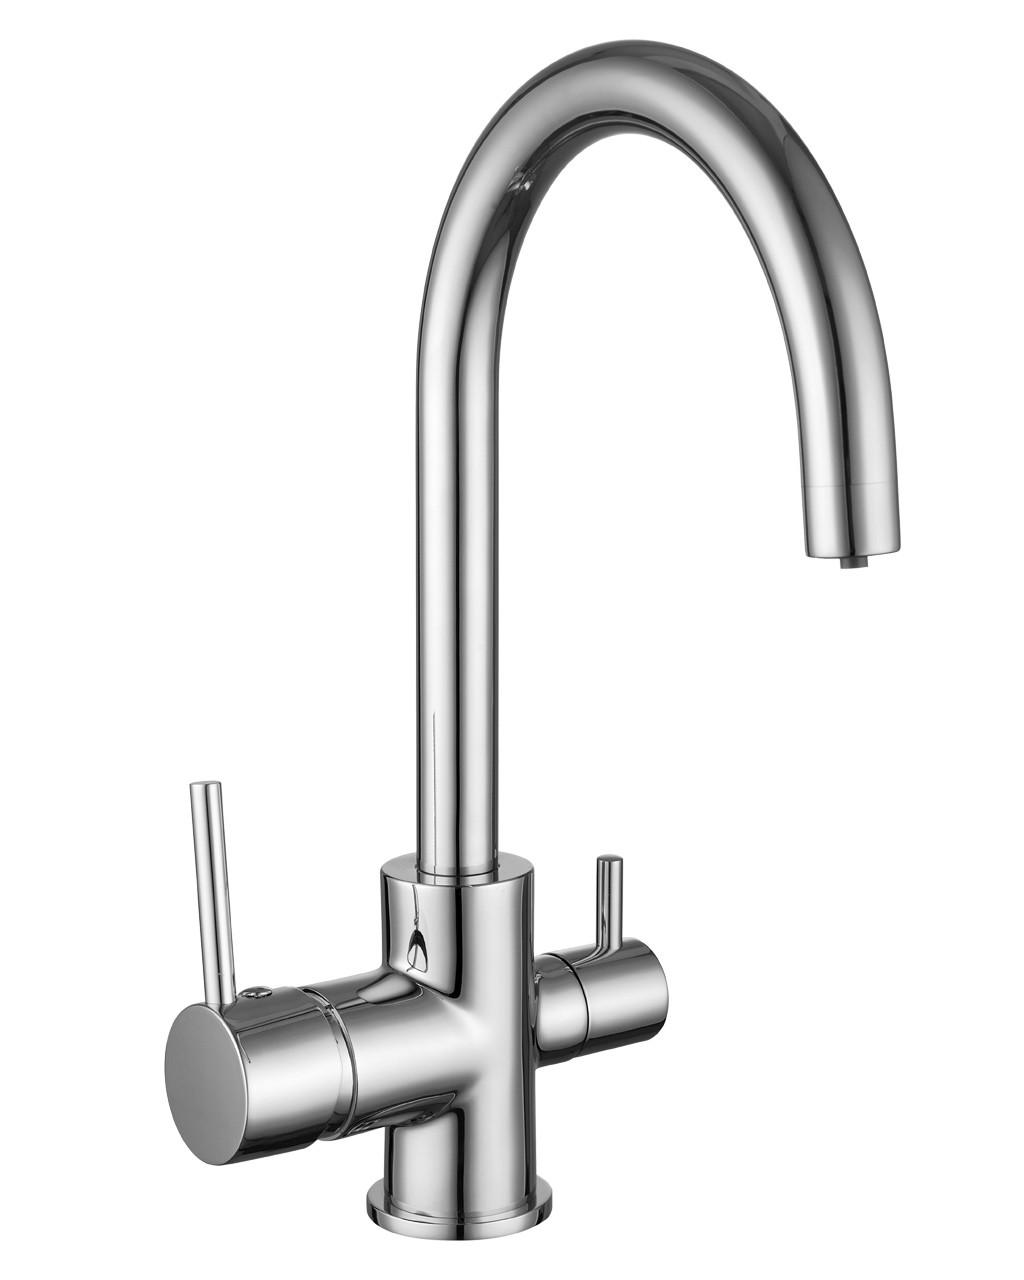 DAICY-U смеситель для кухни  с подключением питьевой воды, хром